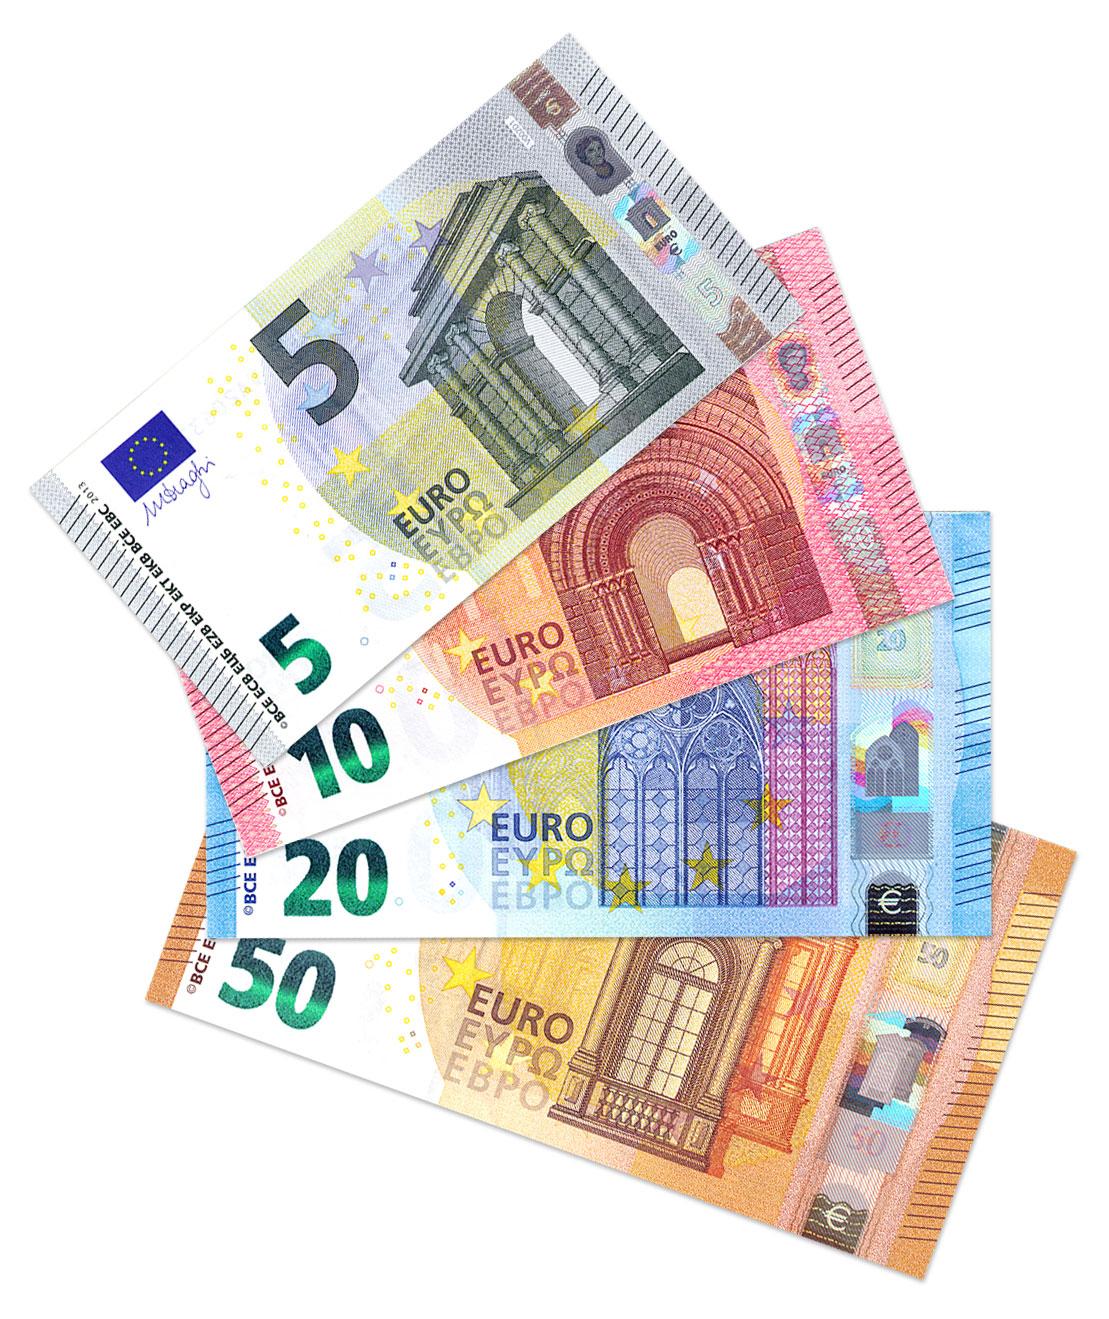 Die neuen Euro-Scheine: 5 10 20 50 Euro